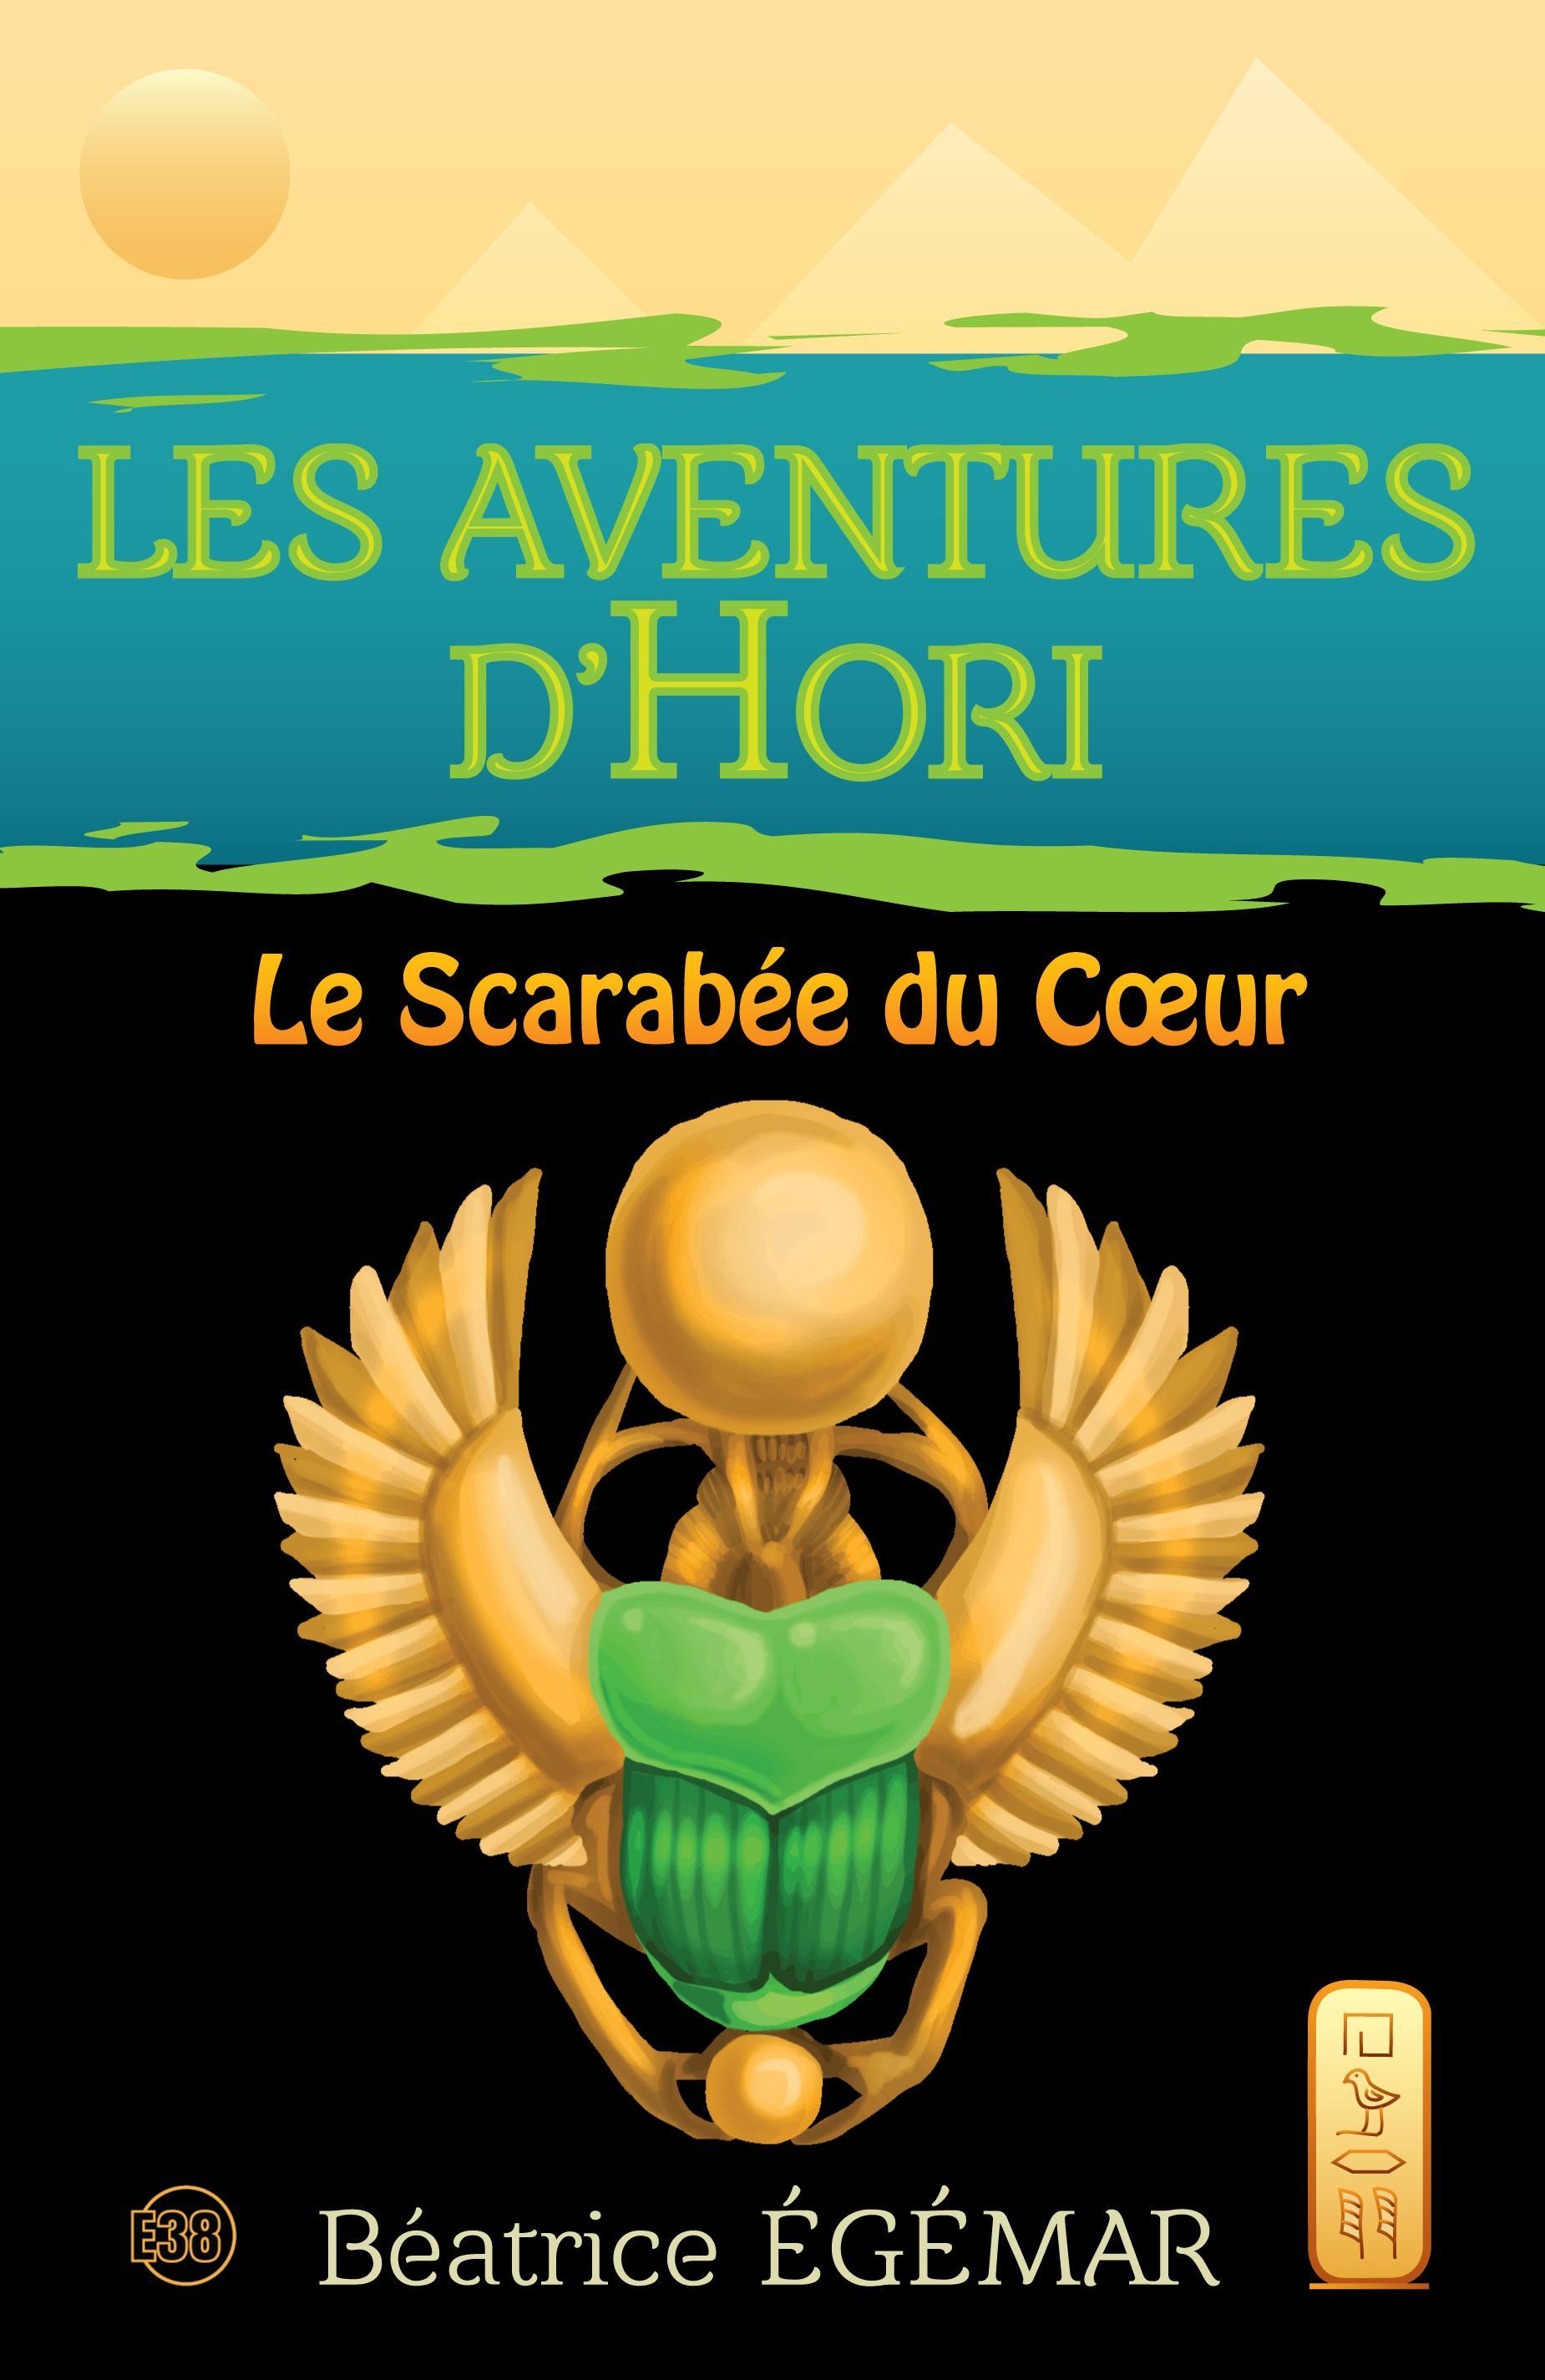 Le scarabée du coeur, LES AVENTURES D'HORI TOME 1